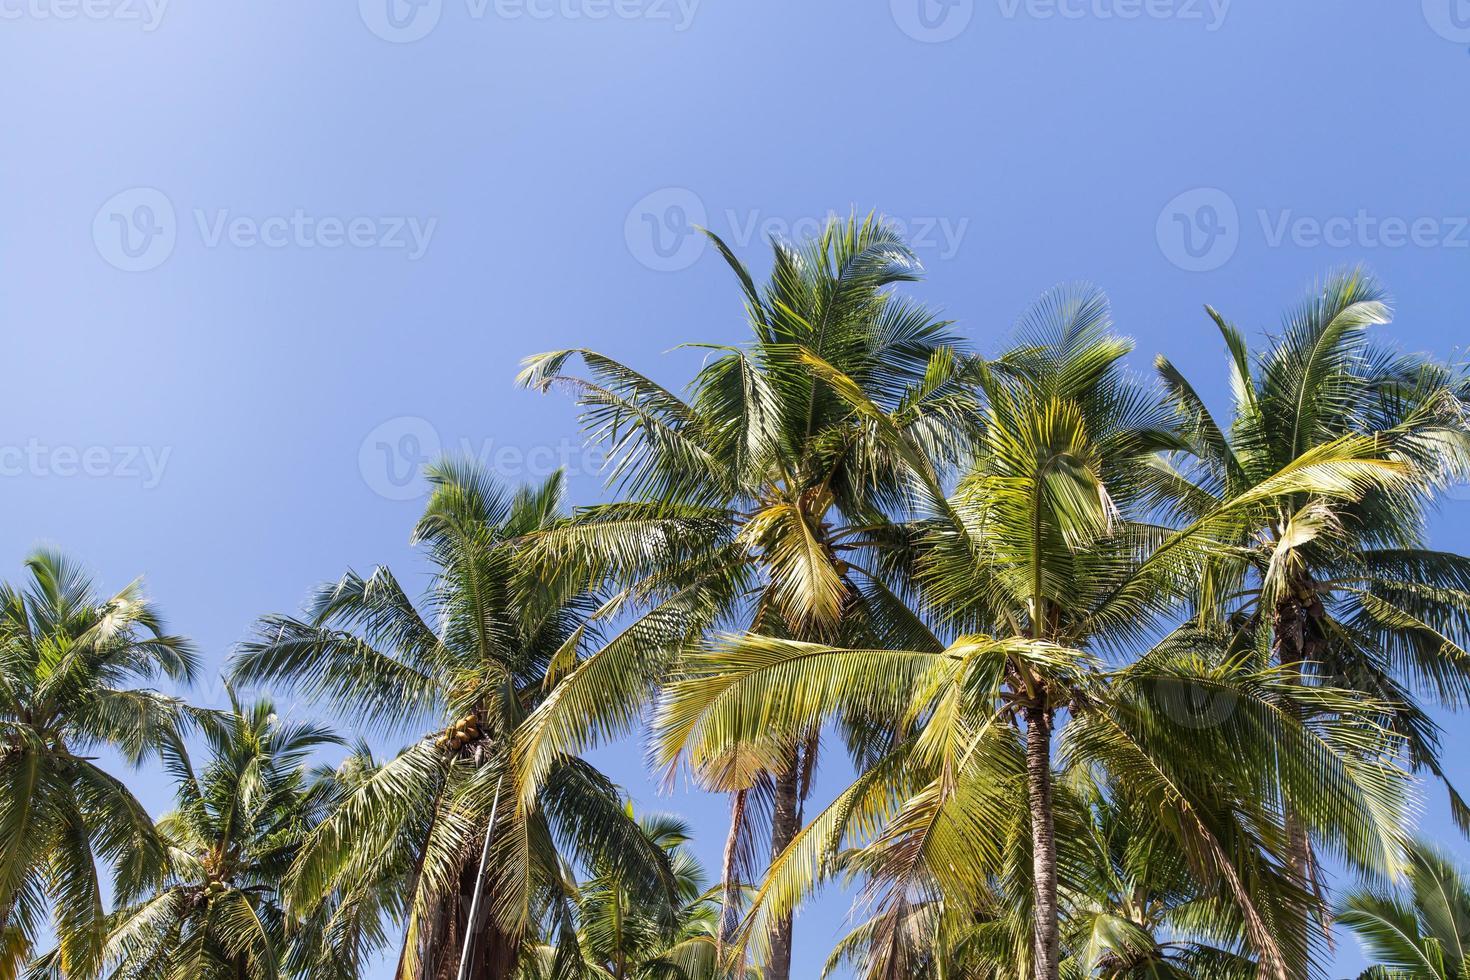 palmeras con coco bajo cielo azul foto